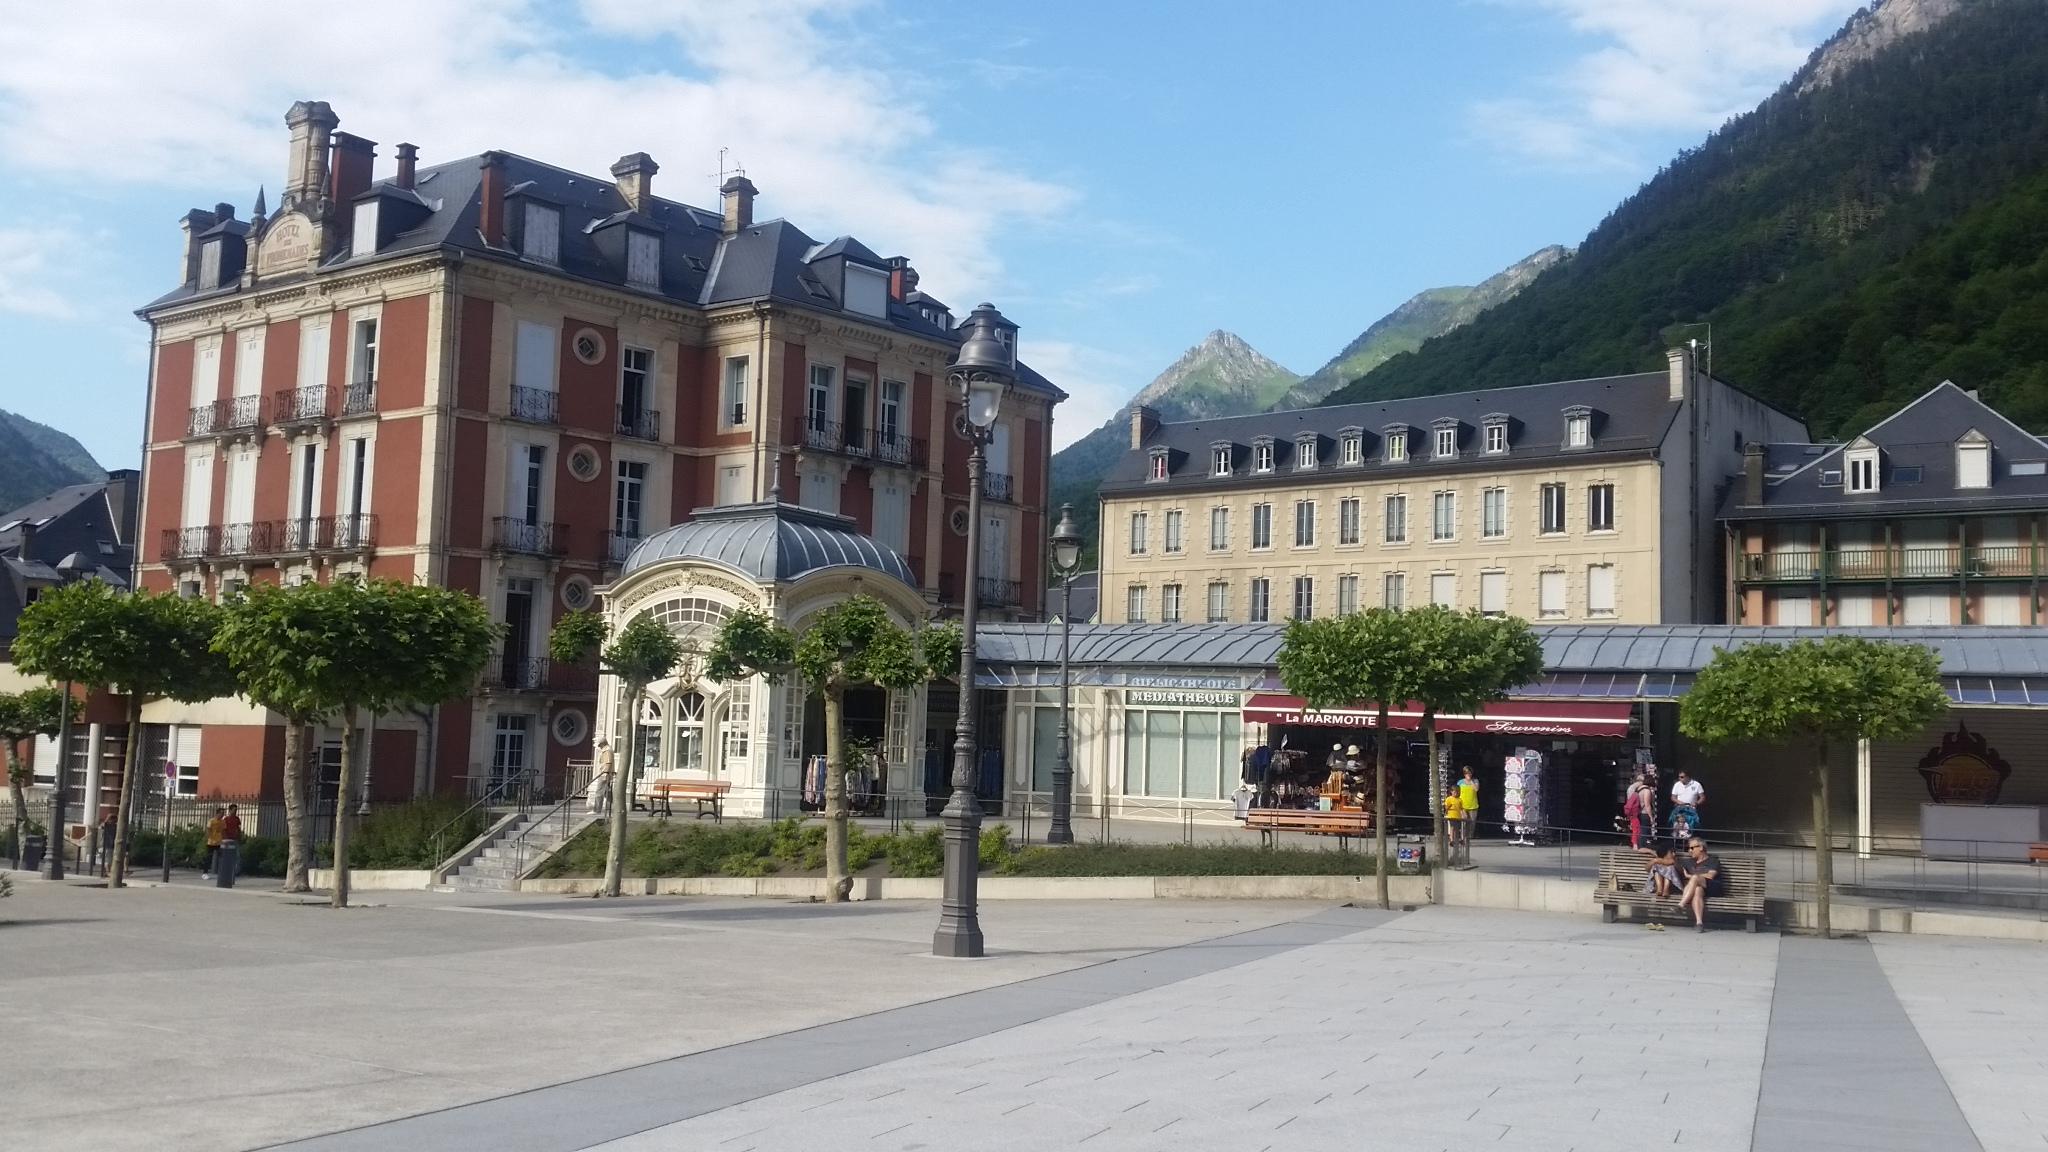 Cauterets Spa town